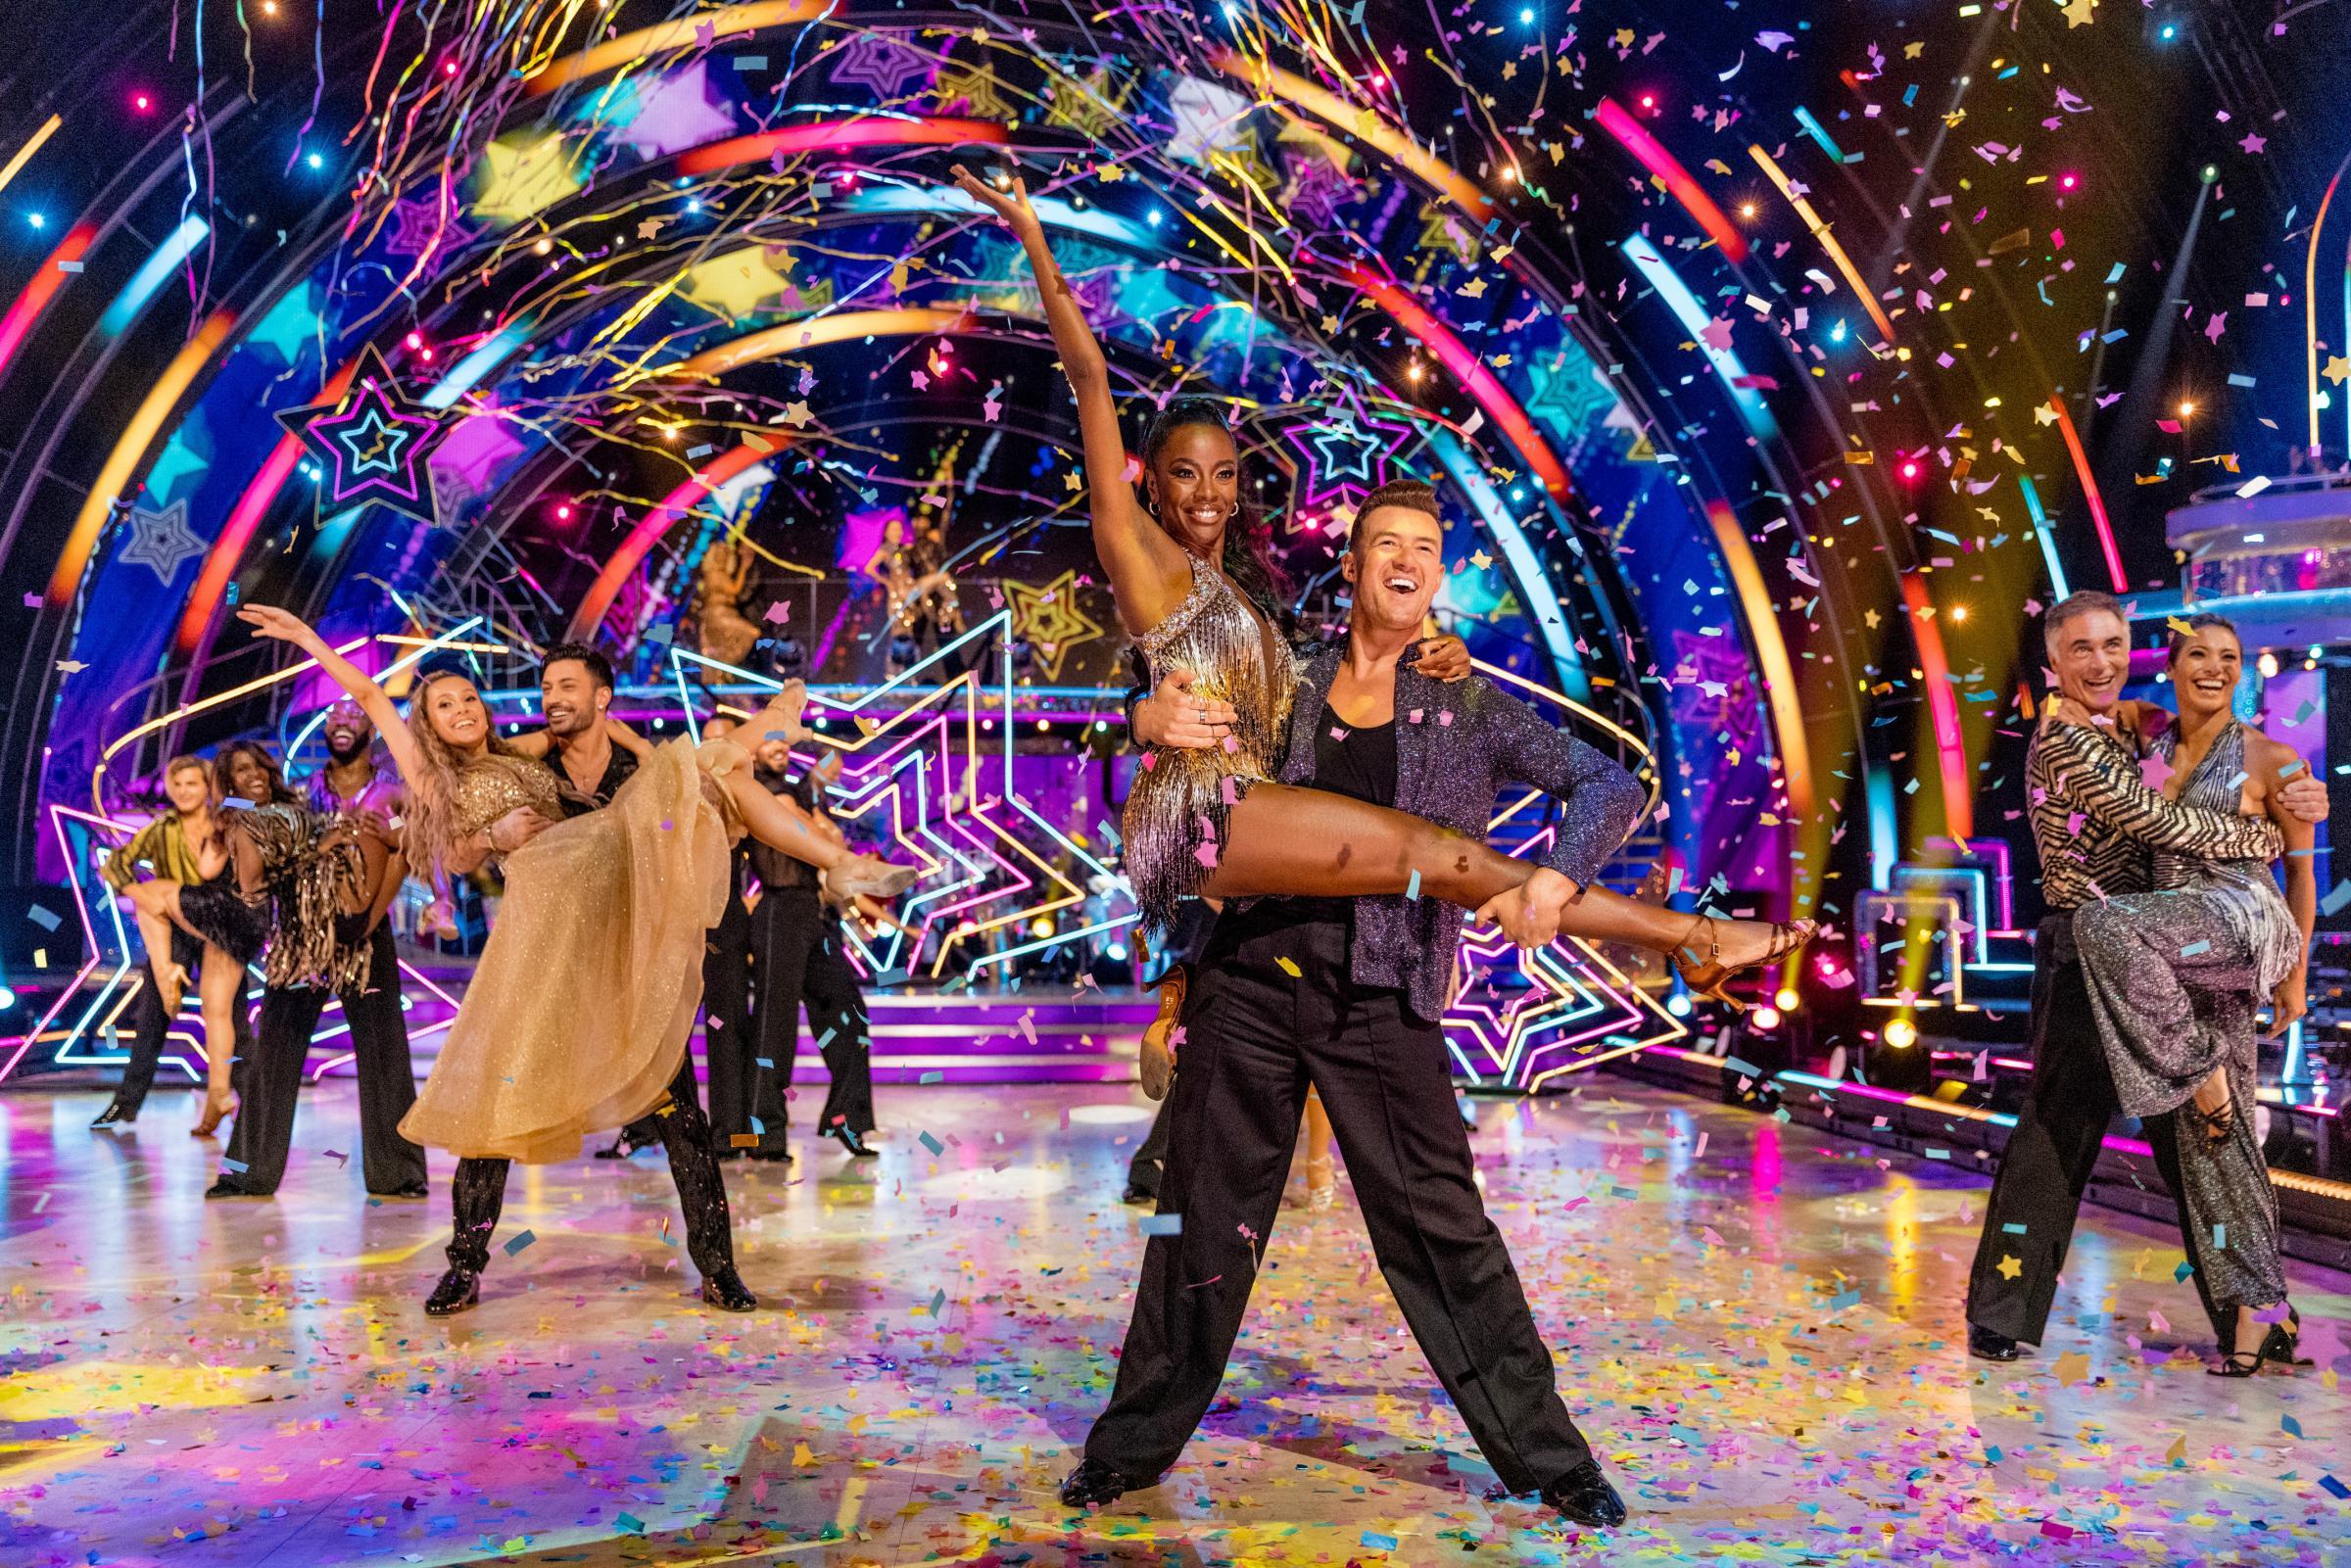 Probabilidades de Strictly Come Dancing: se revela el favorito para ser eliminado y el favorito para ganar